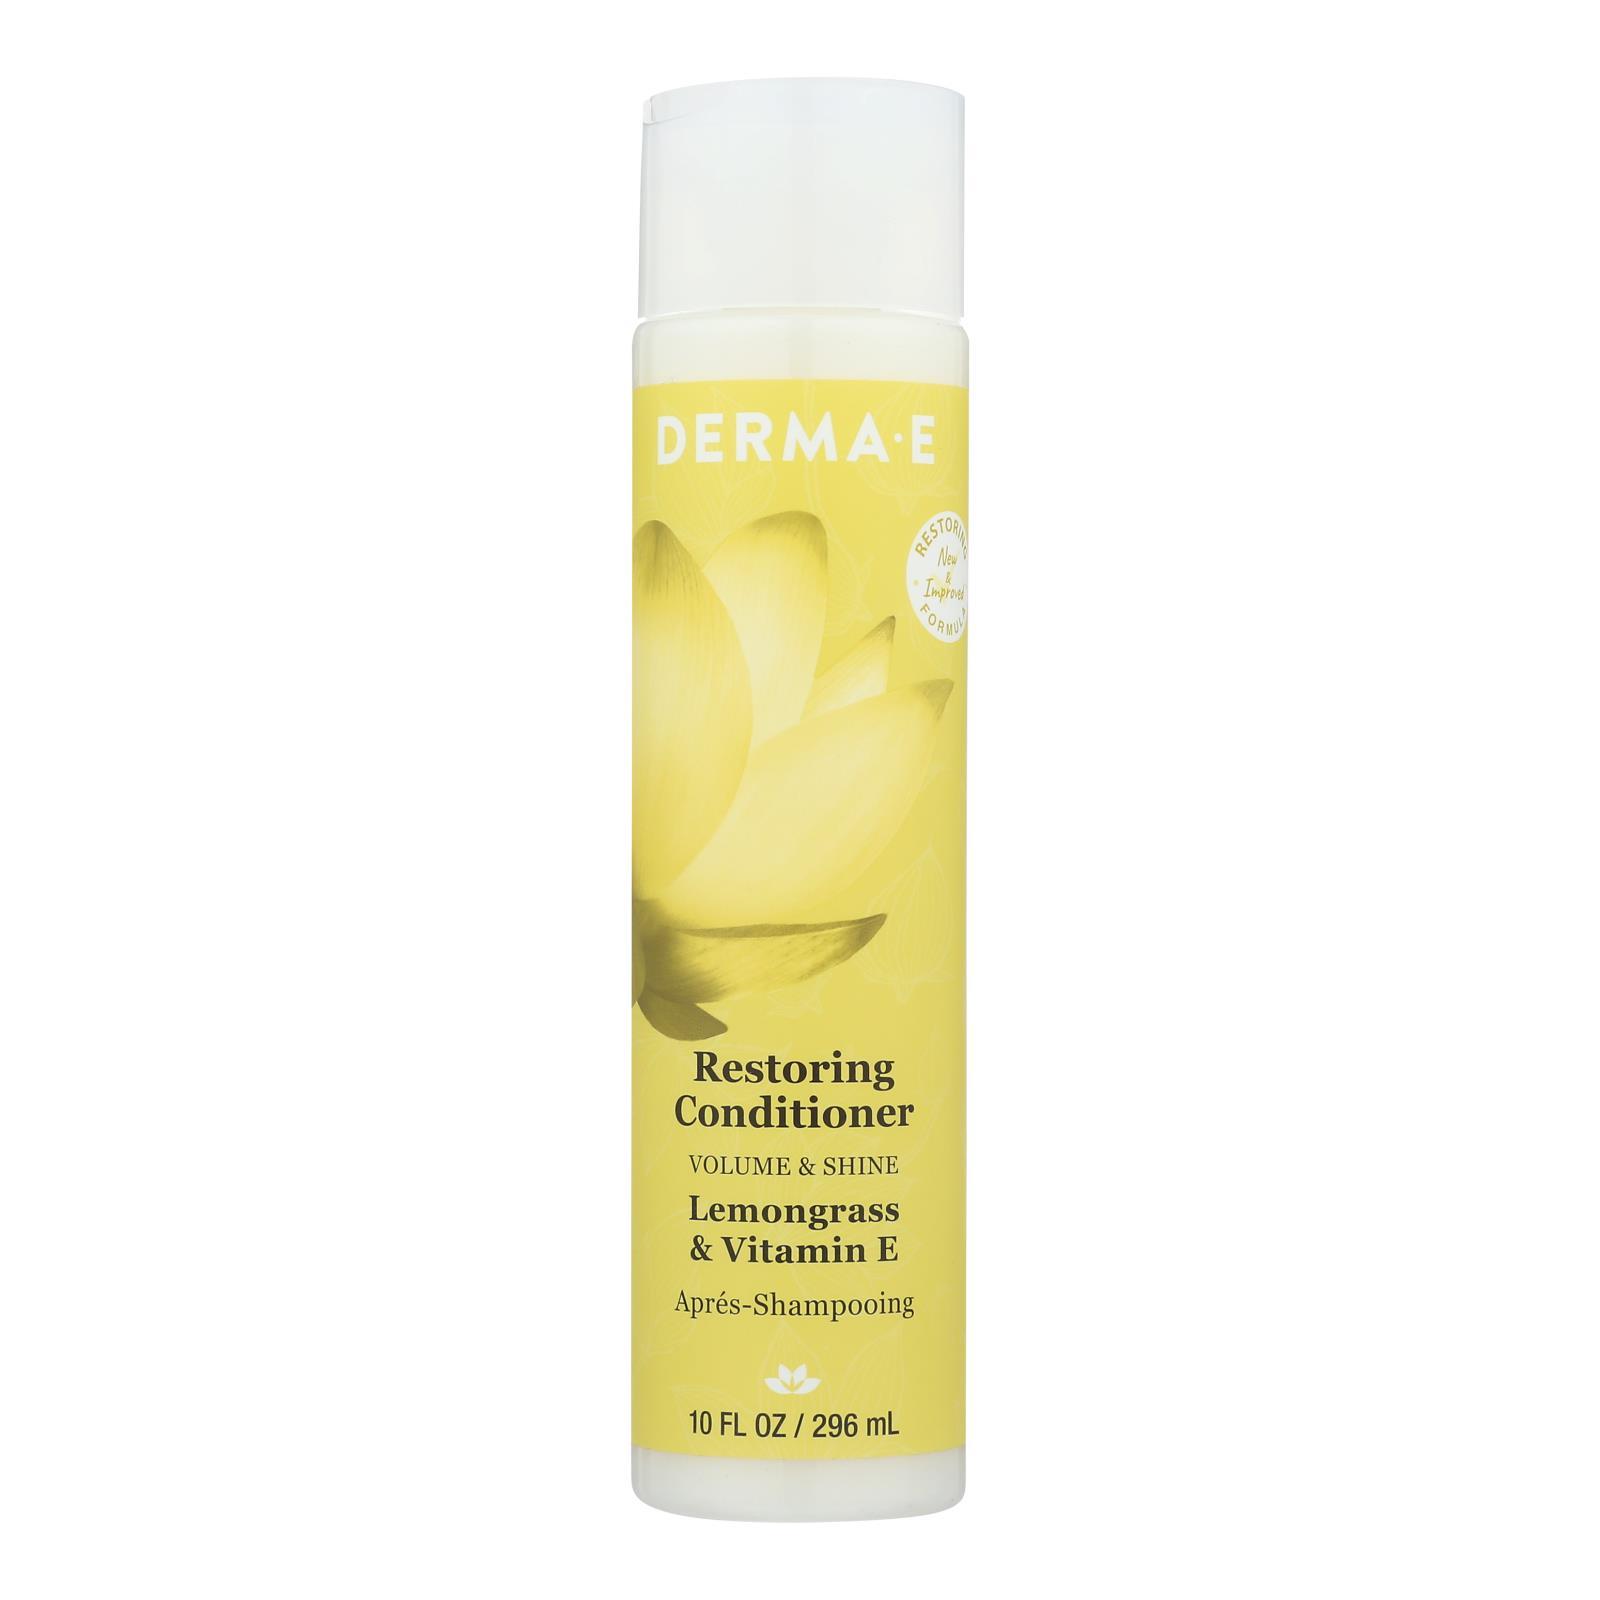 Derma-E Restoring Conditioner, Lemongrass & Vitamin E  - 1 Each - 10 FZ